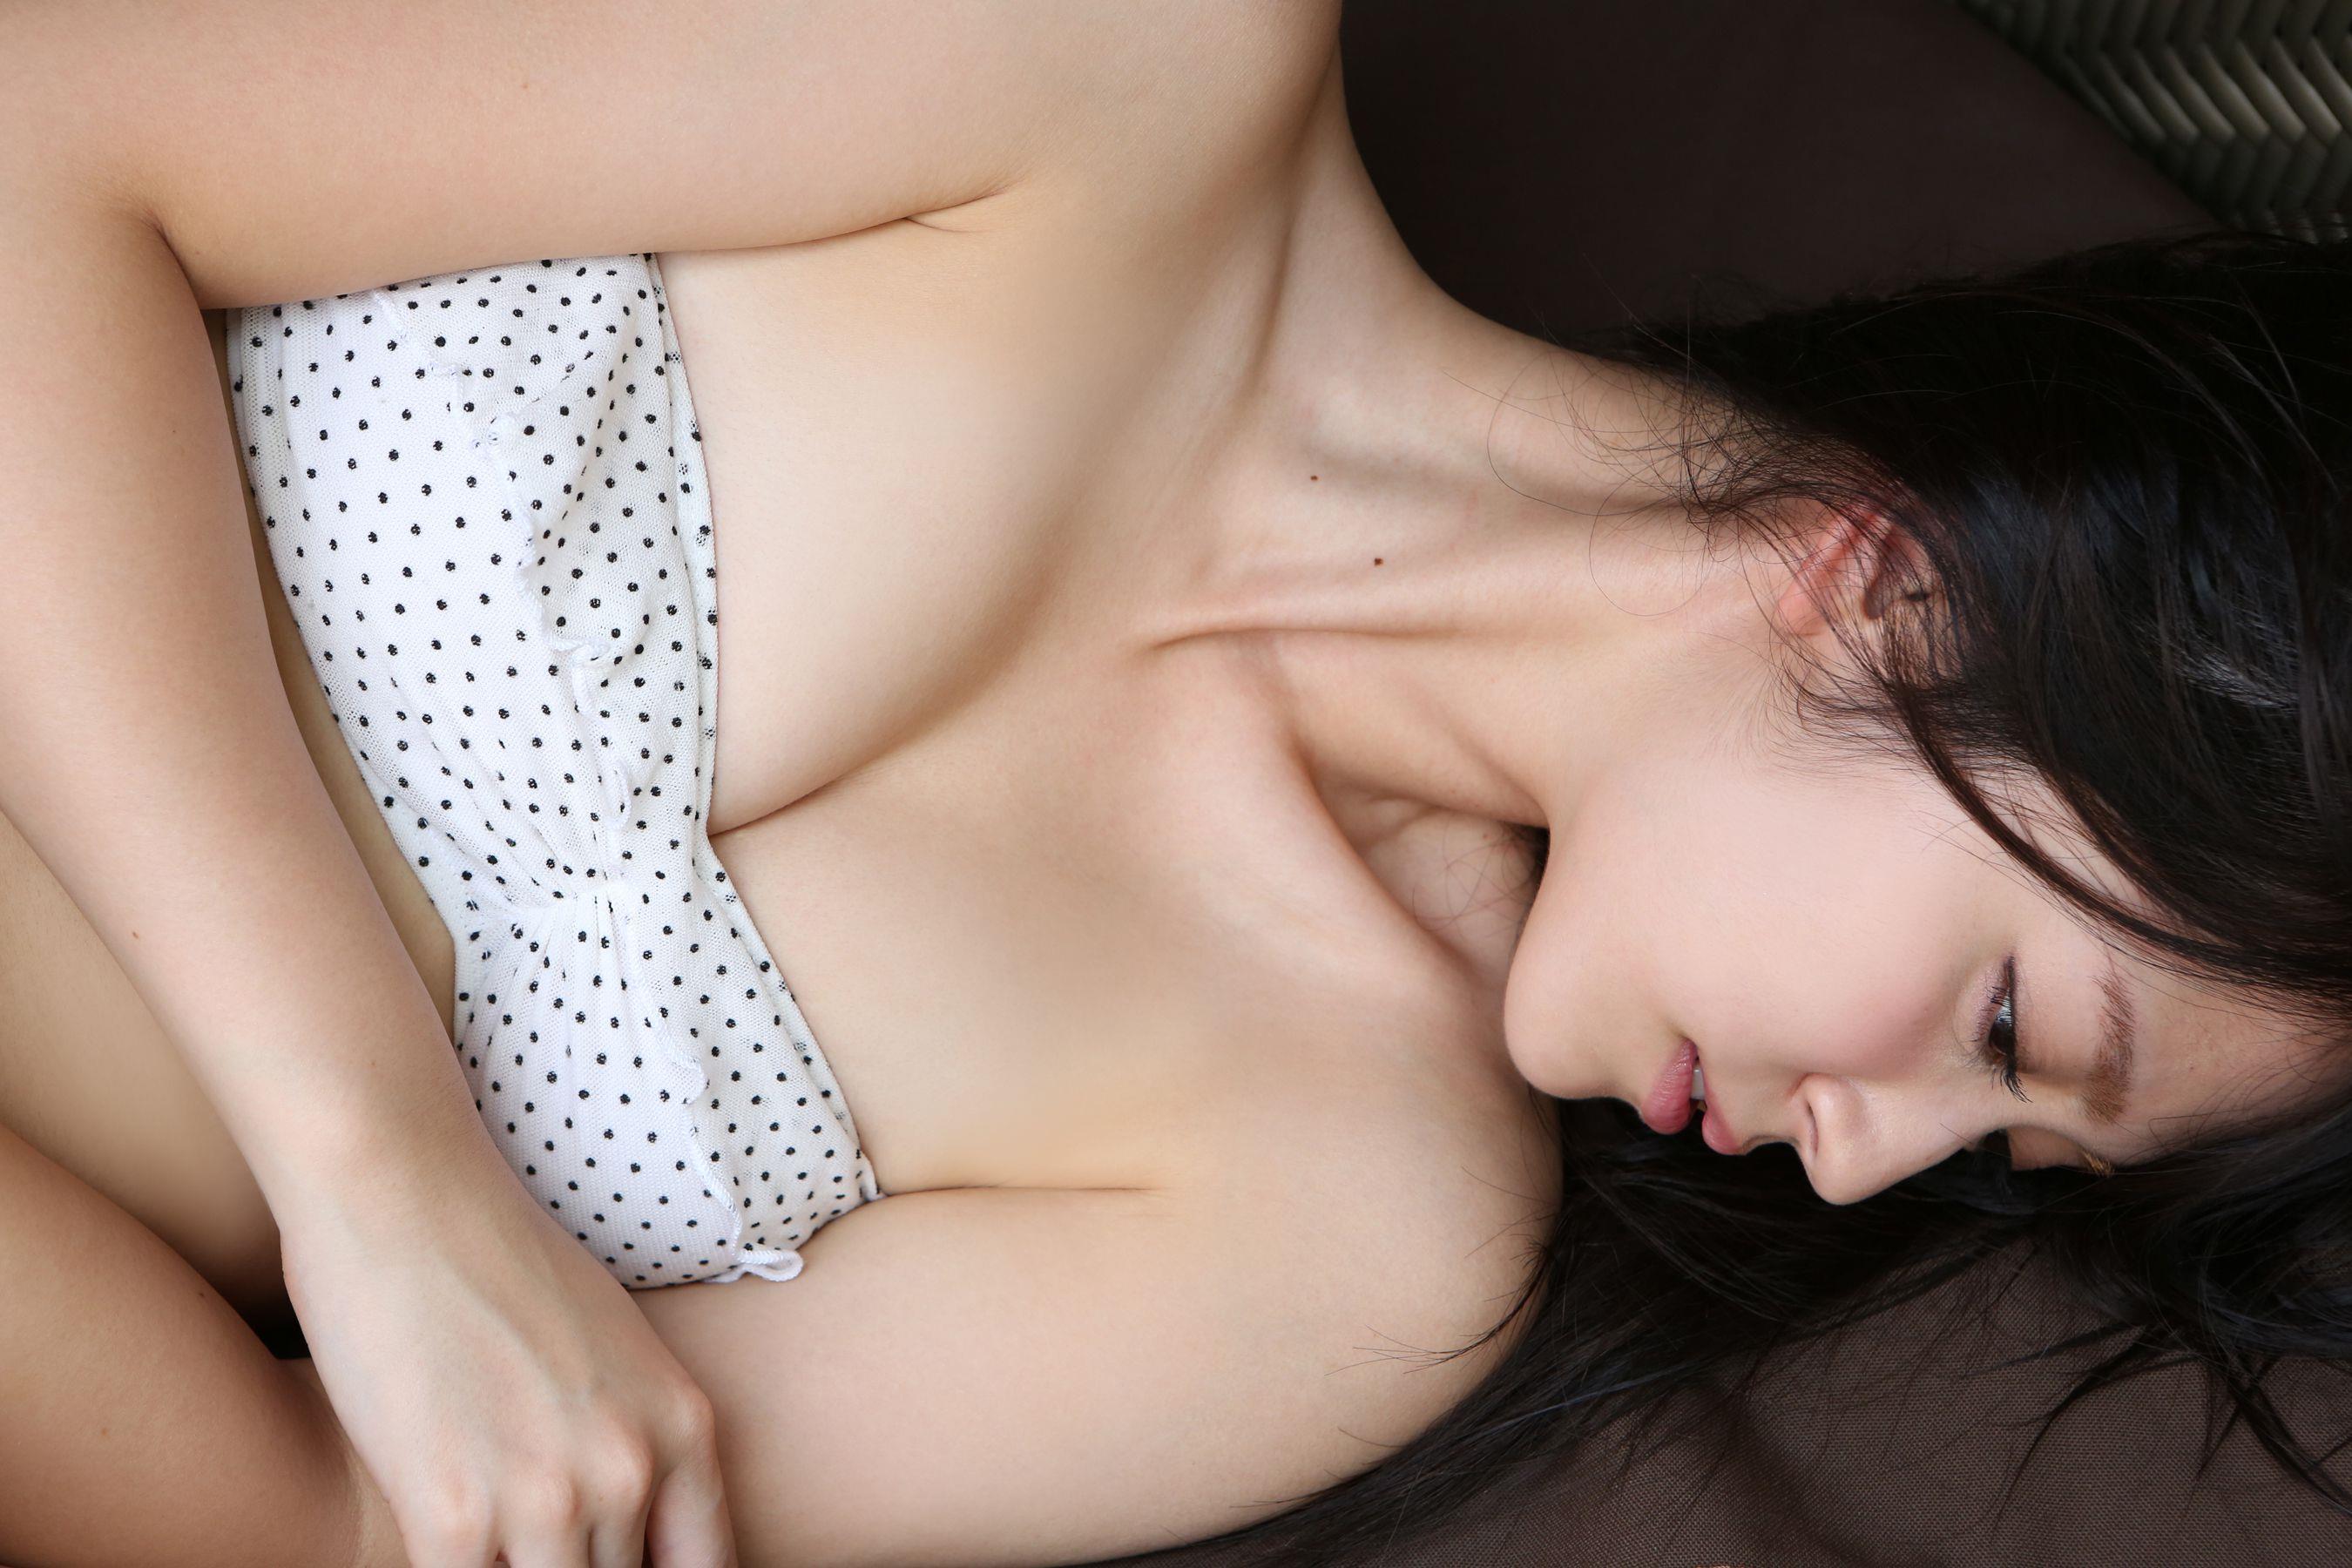 鈴木愛理(℃-ute) 画像 21